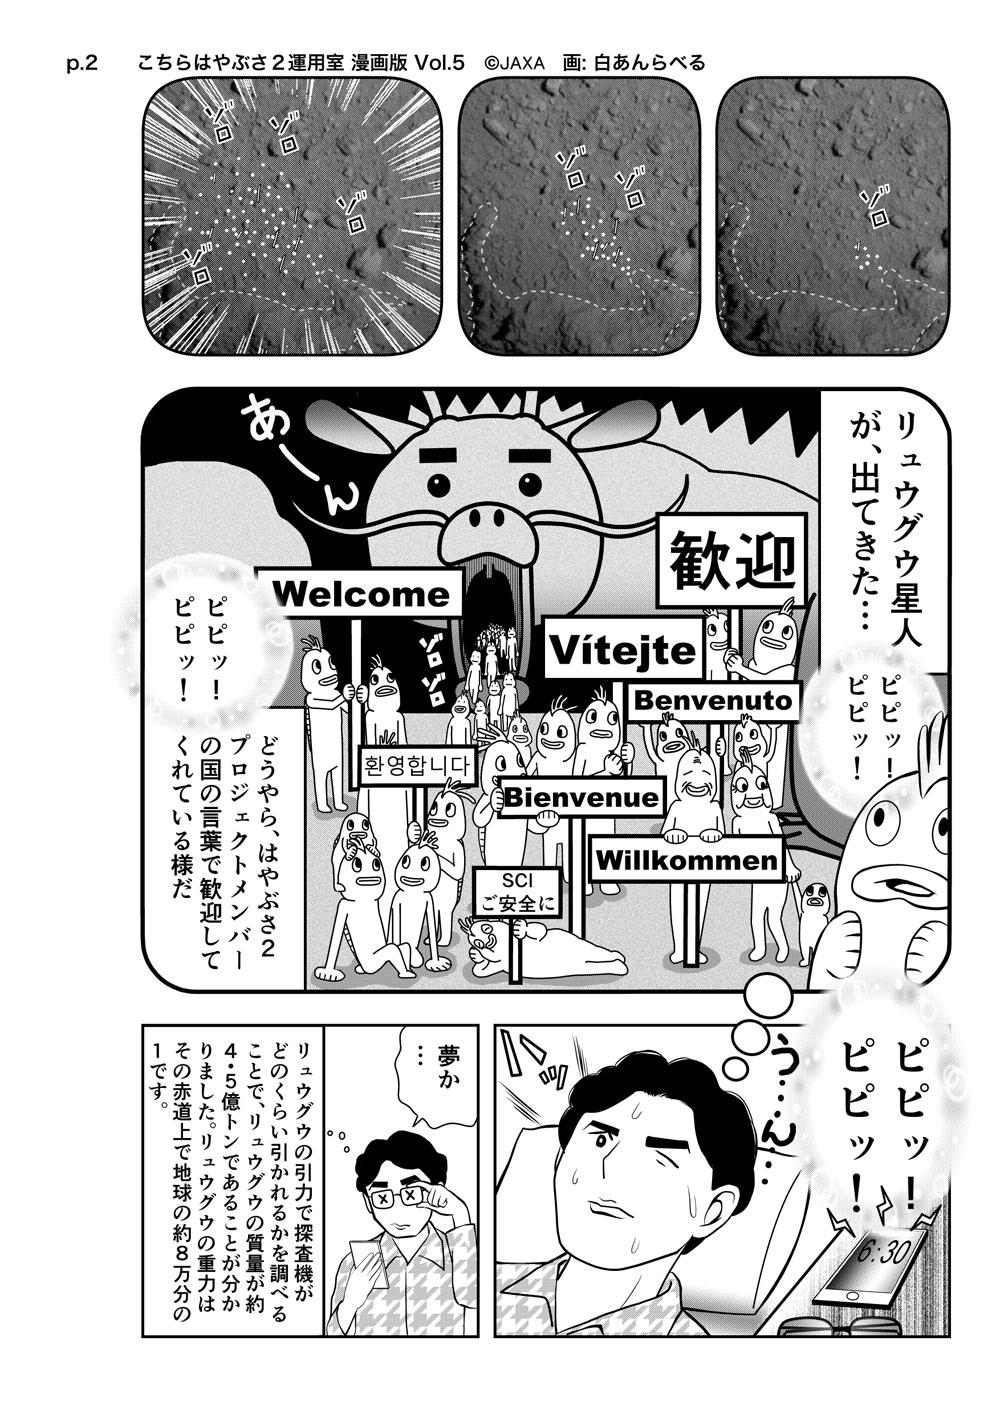 comic05_2.jpg